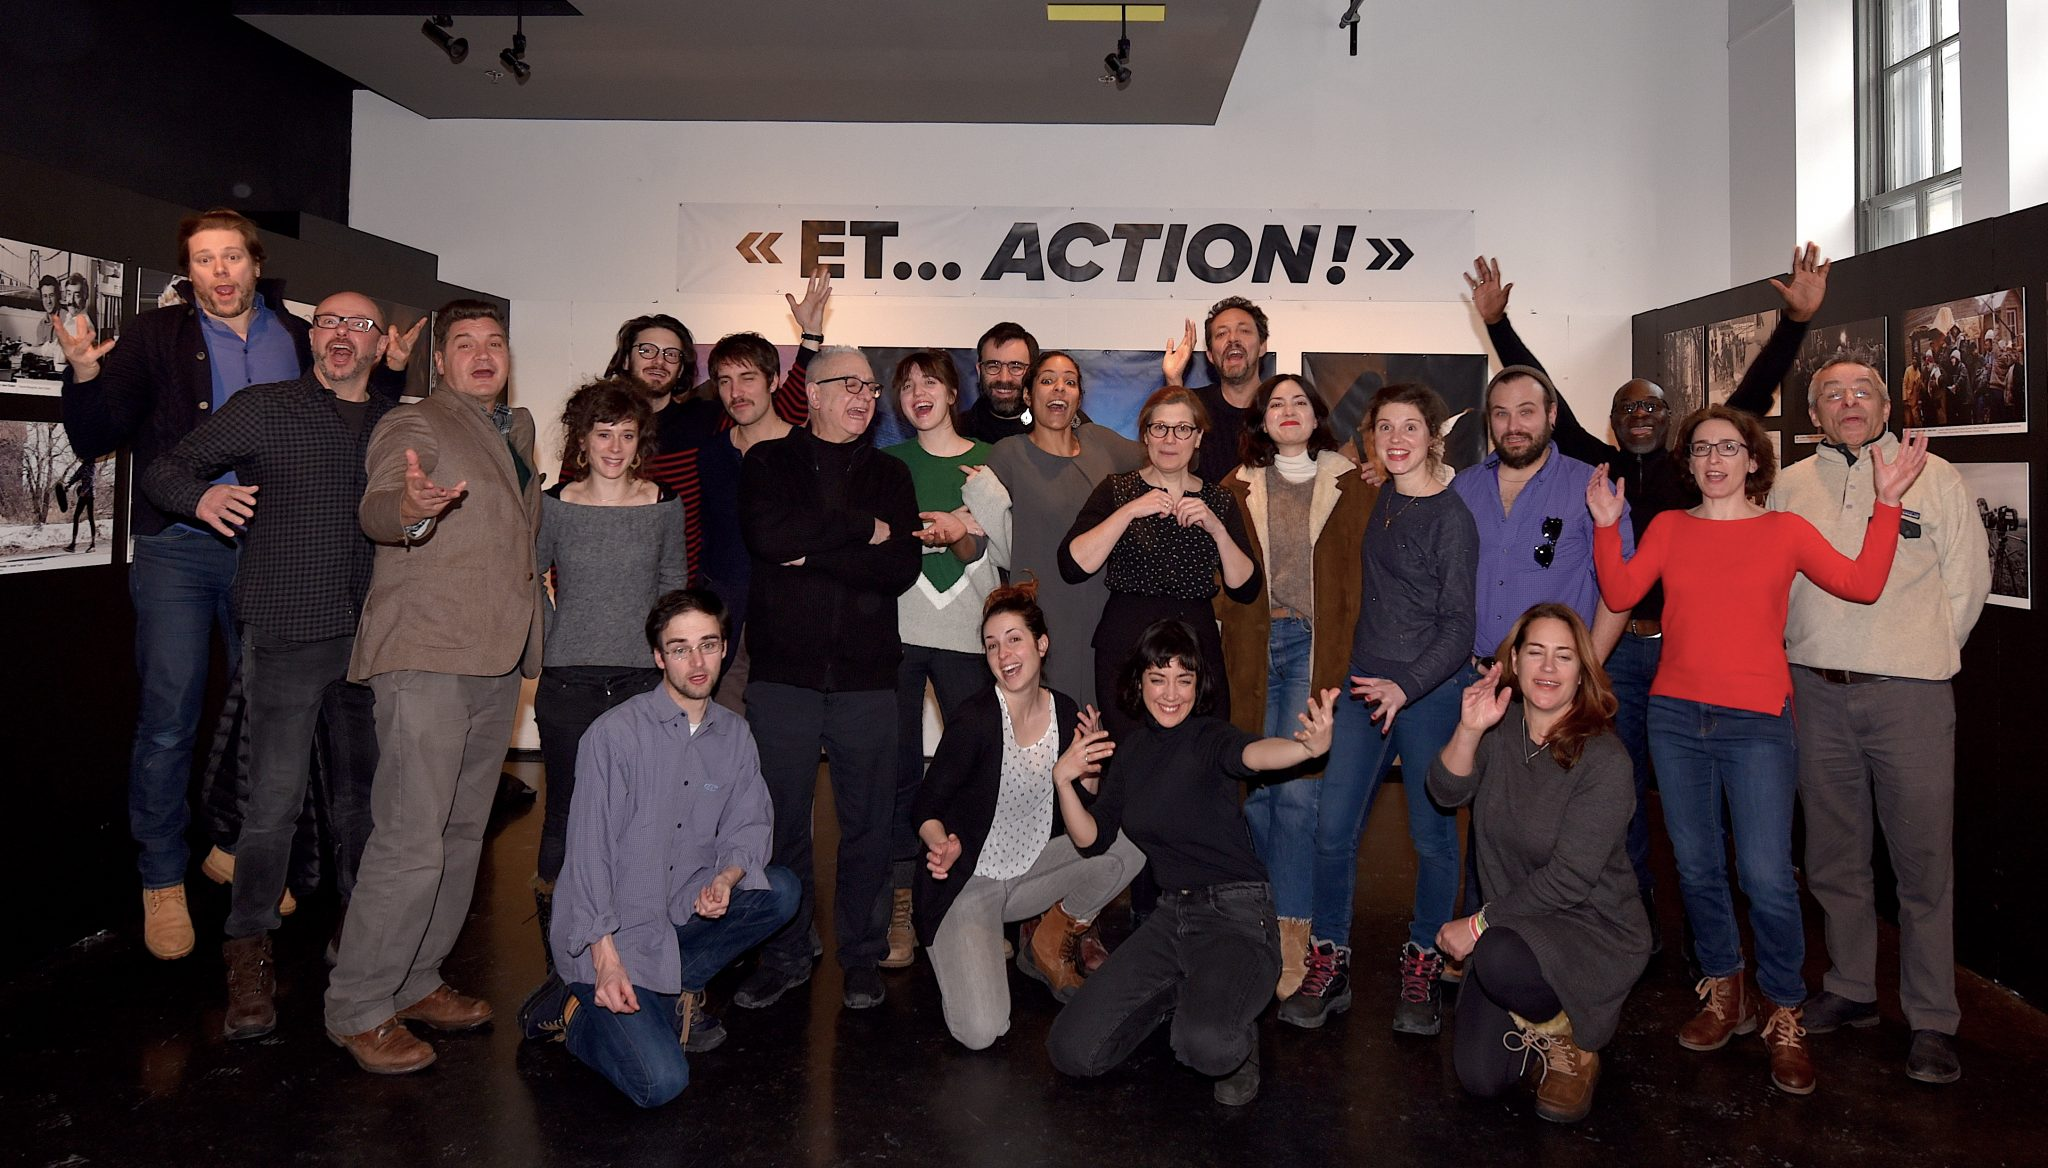 SODEC - Atelier Grand Nord édition 2018 à Montebello et Montréal